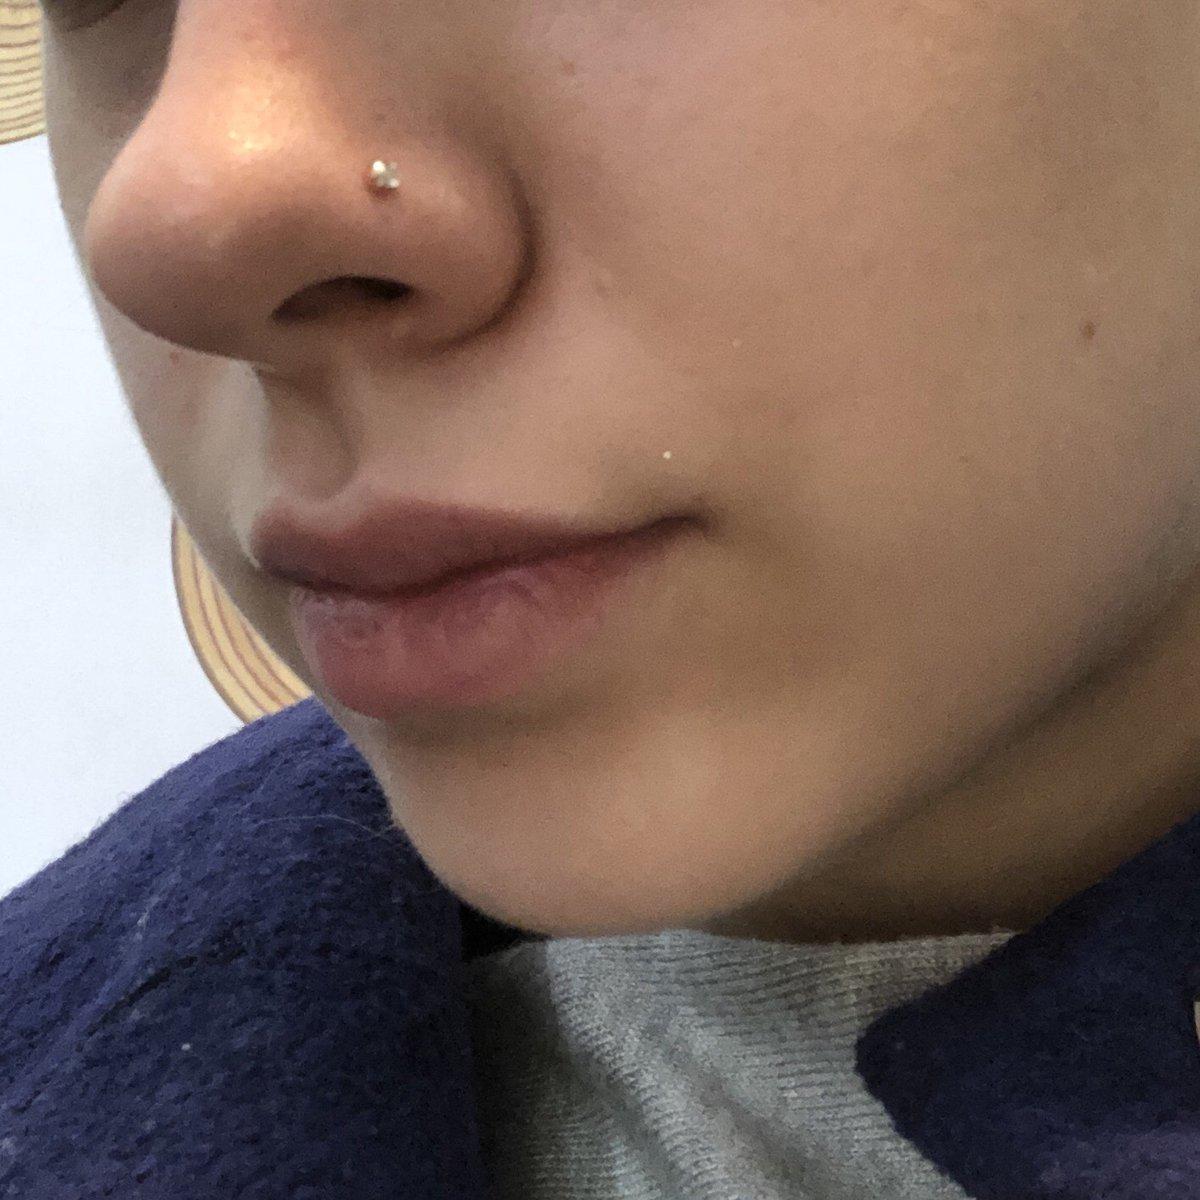 Пирсинг в нос